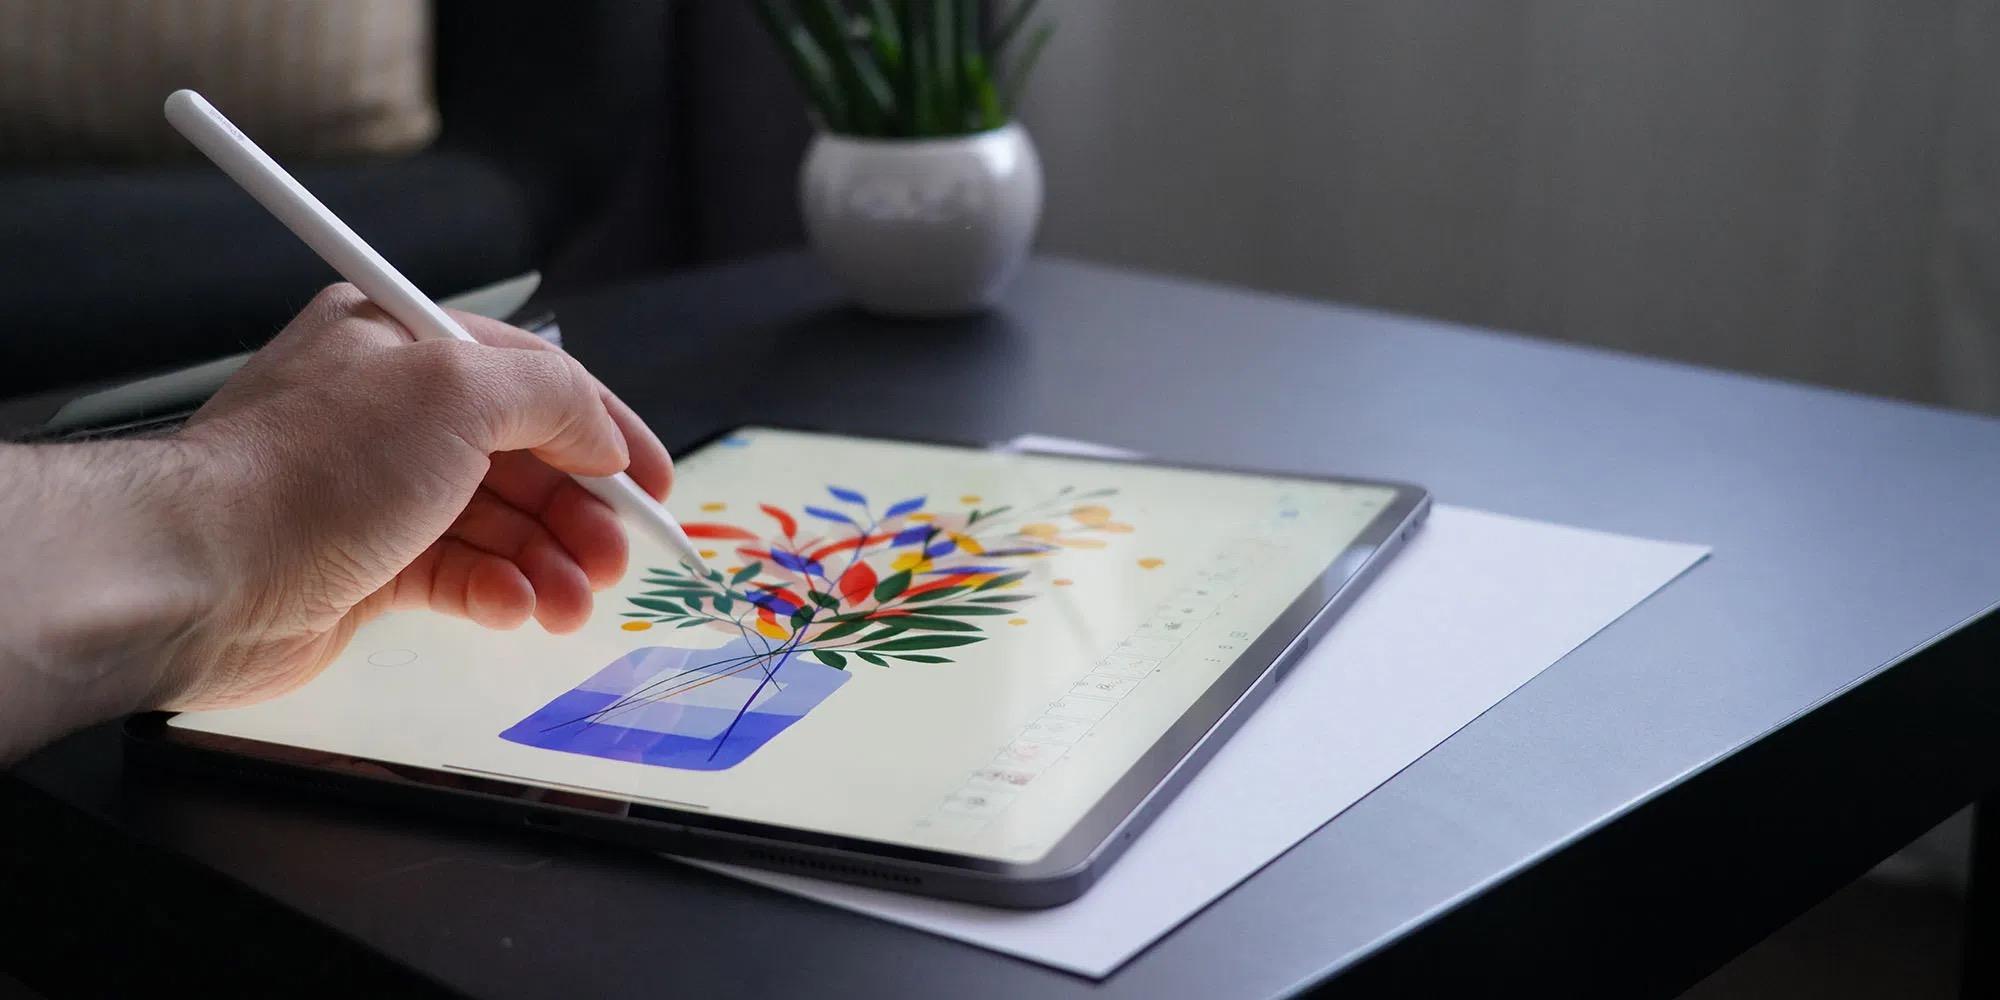 第一季度iPad市场份额增加,各价位机型均有不错的表现